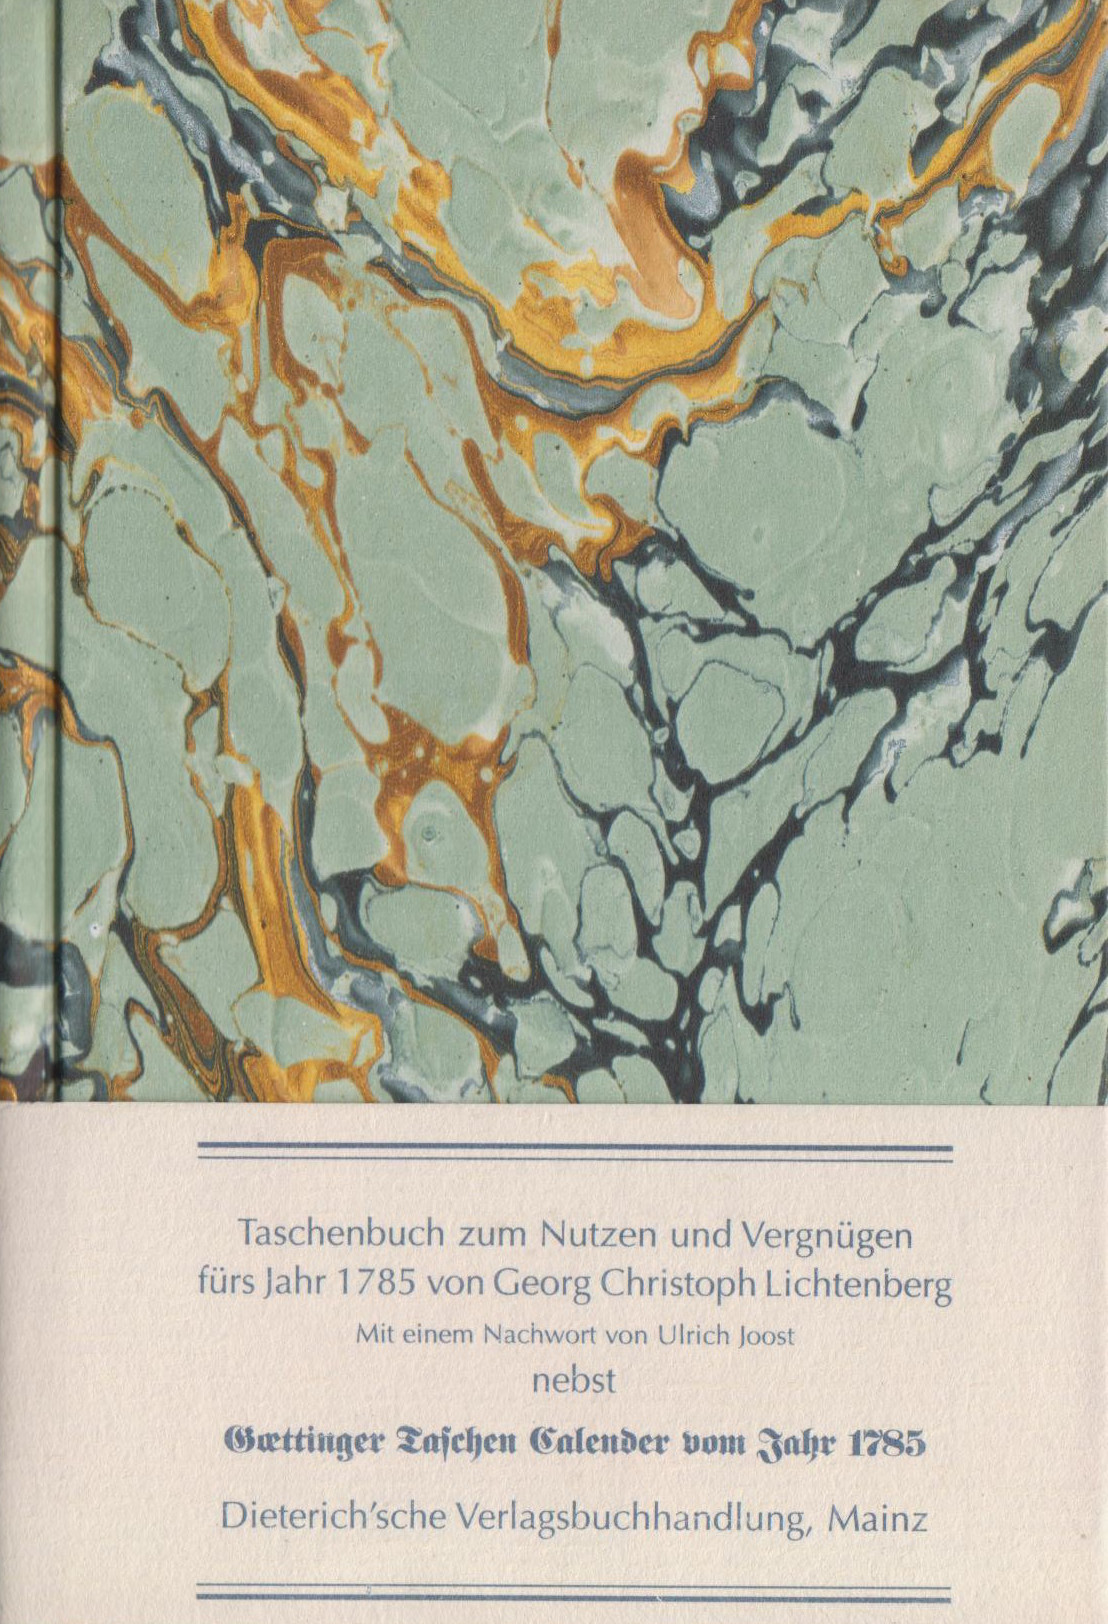 Taschenbuch zum Nutzen und Vergnügen fürs Jahr 1785 Georg Ch Lichtenberg